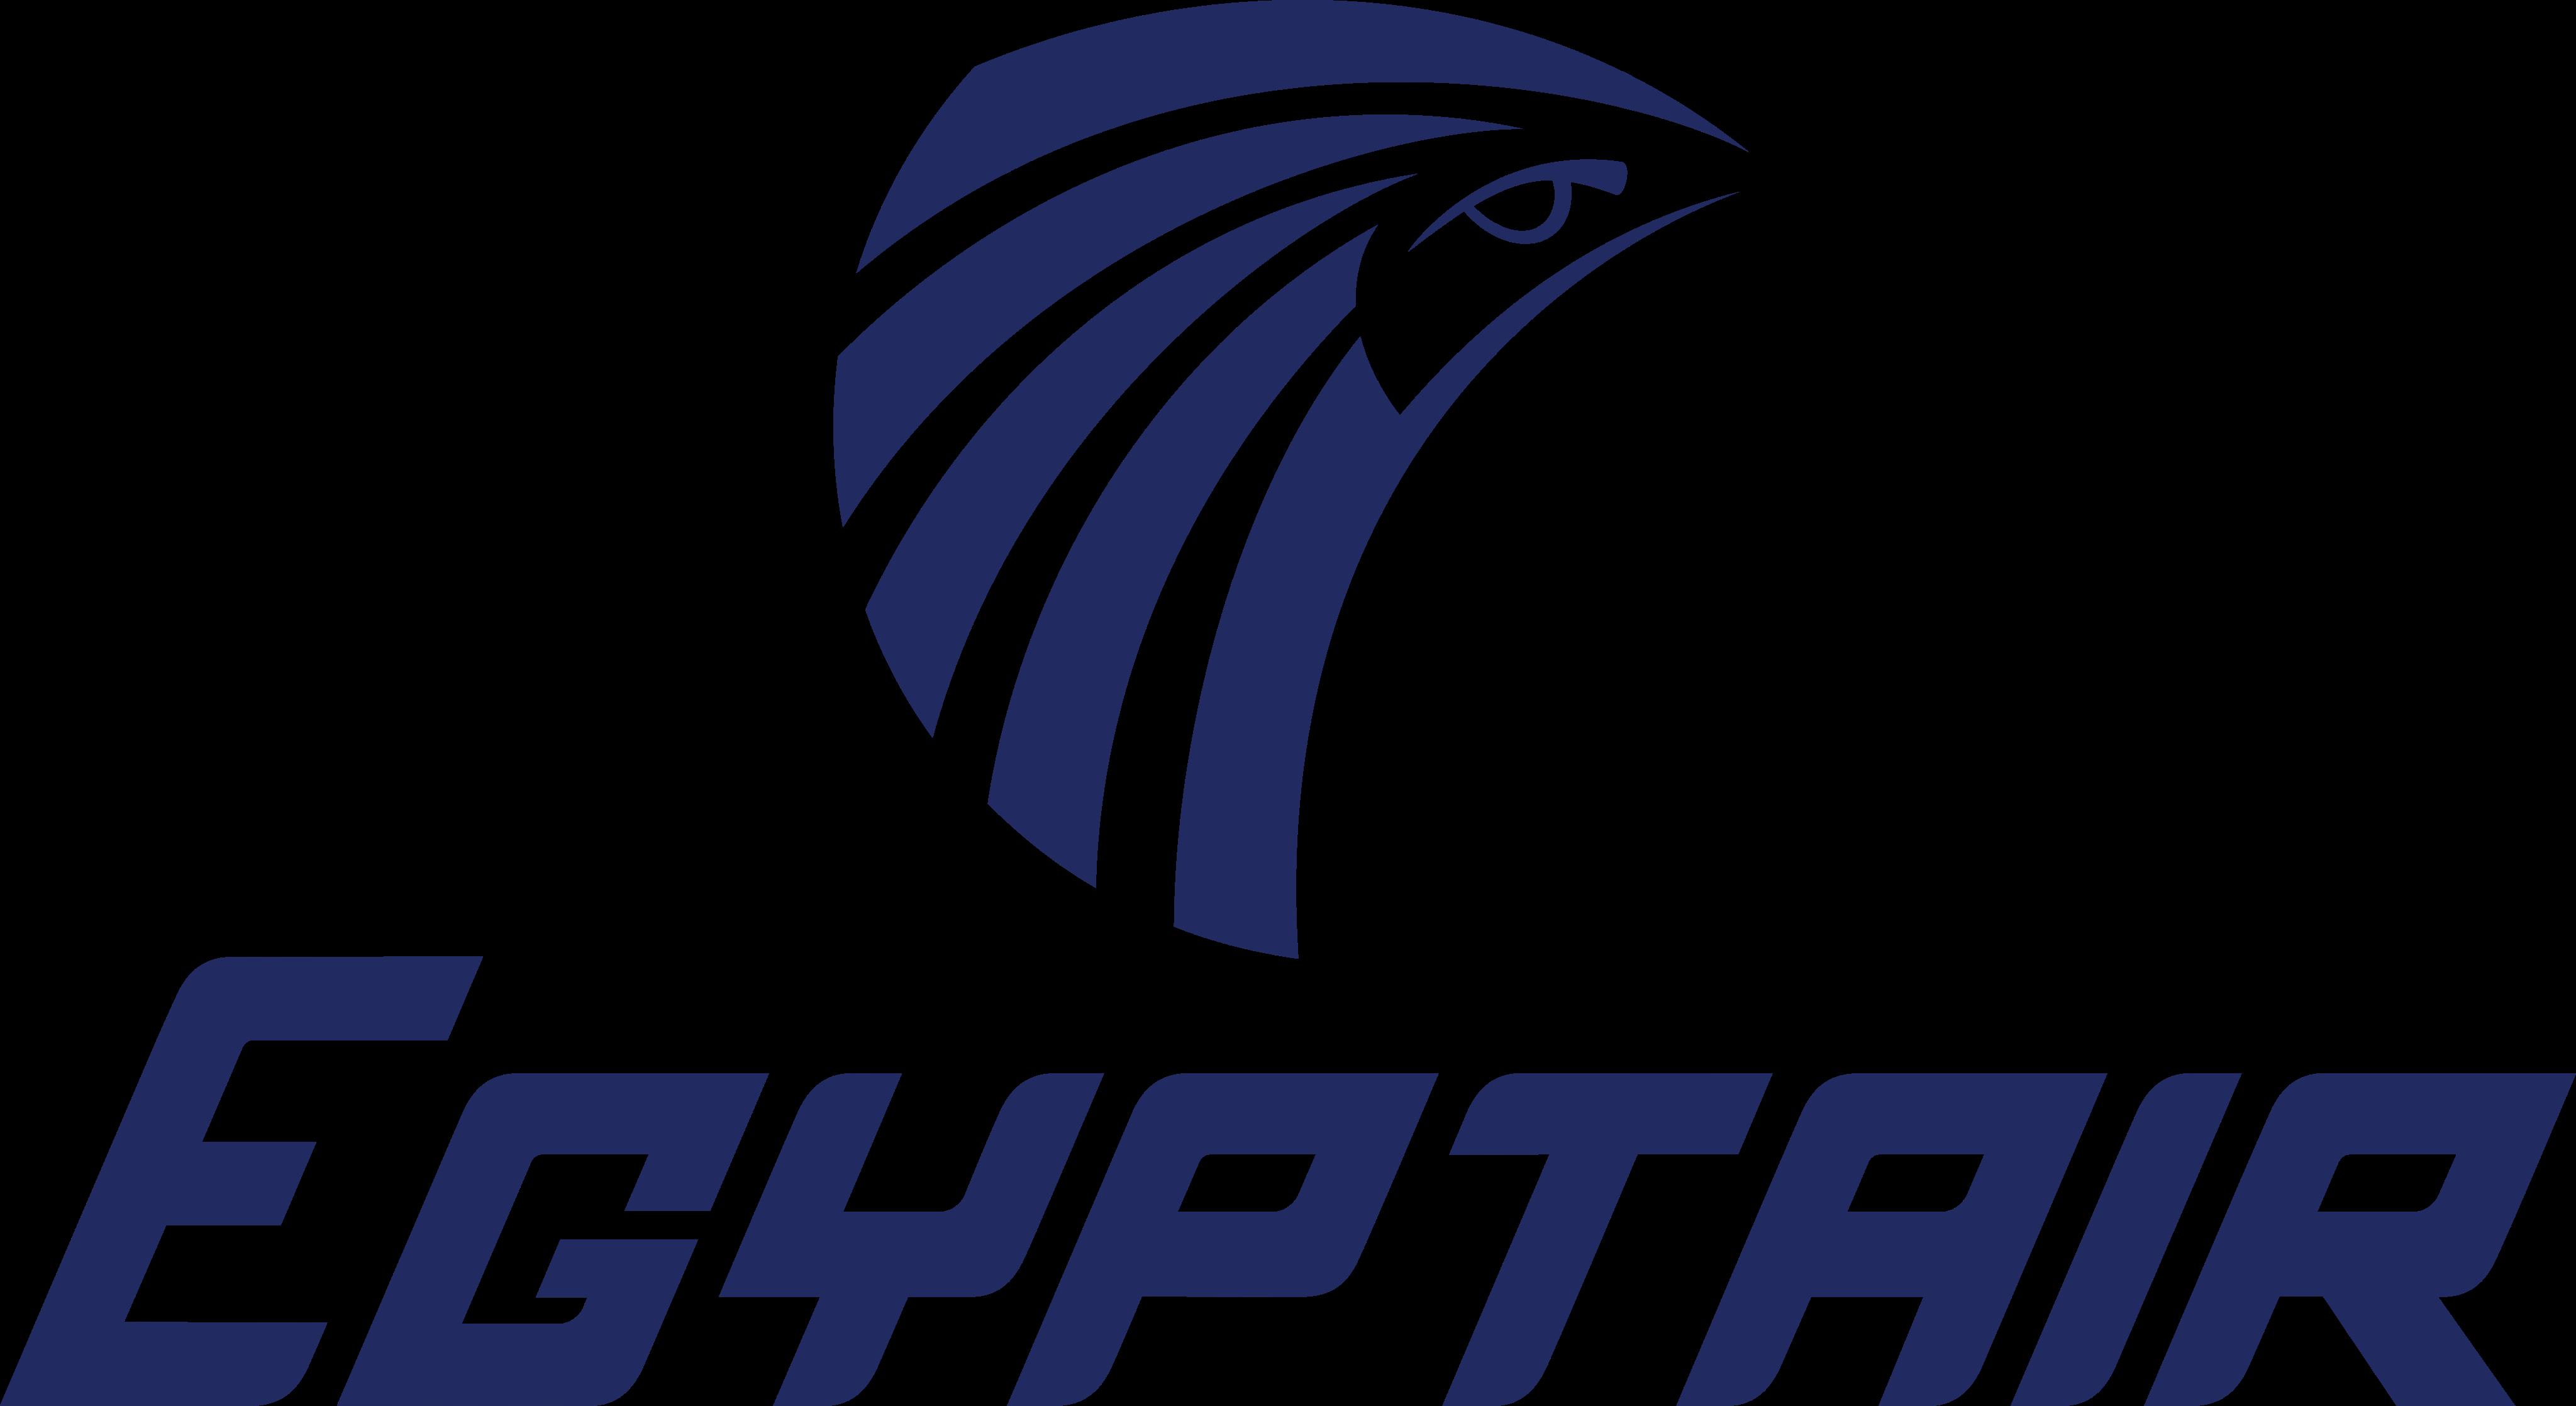 egyptair logo 1 - Egyptair logo